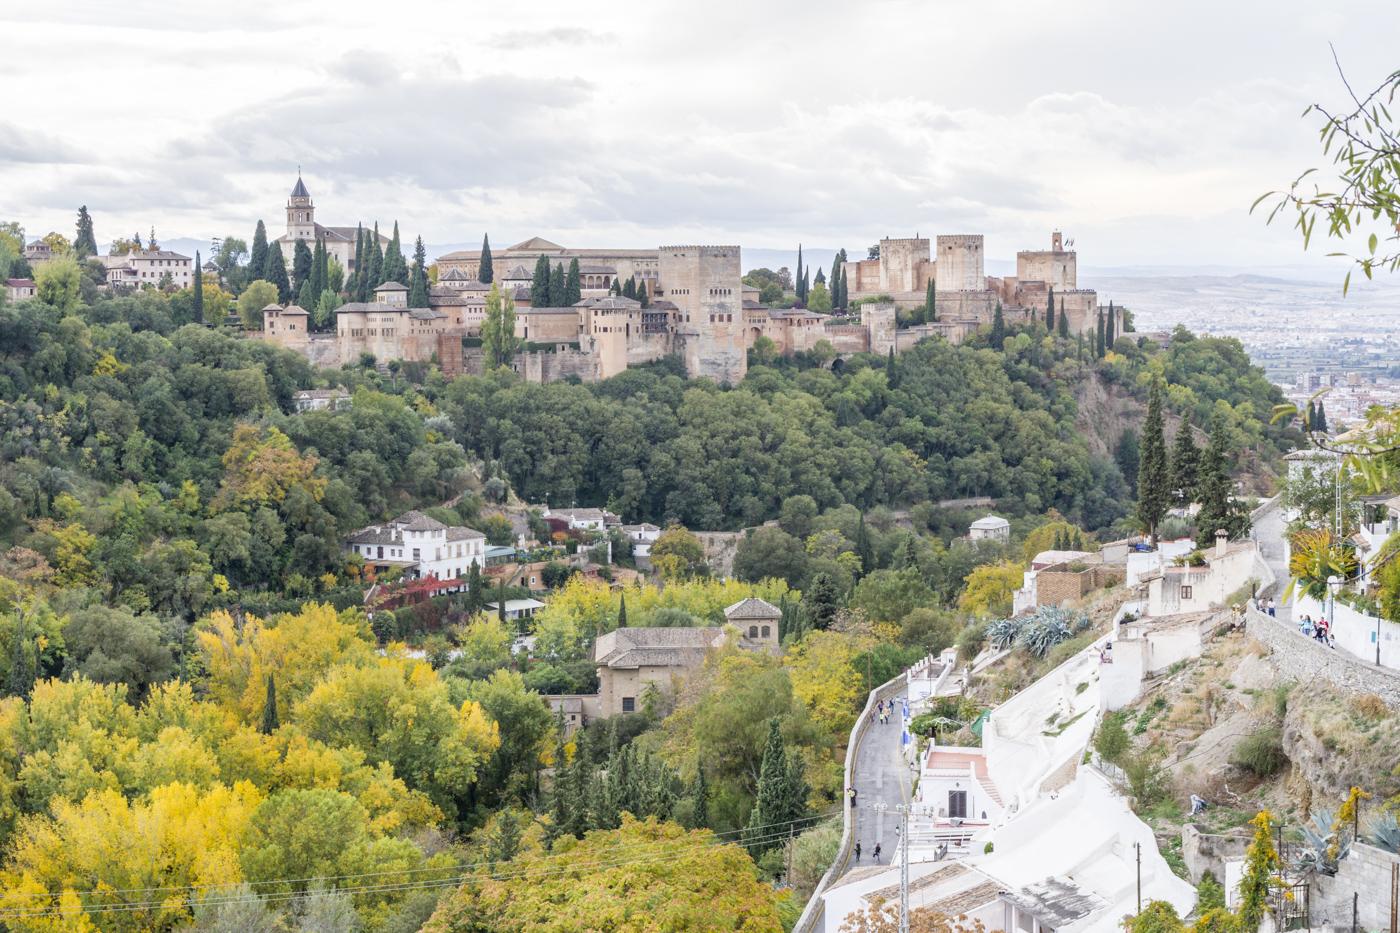 Vue sur l'Alhambra depuis le Sacromonte